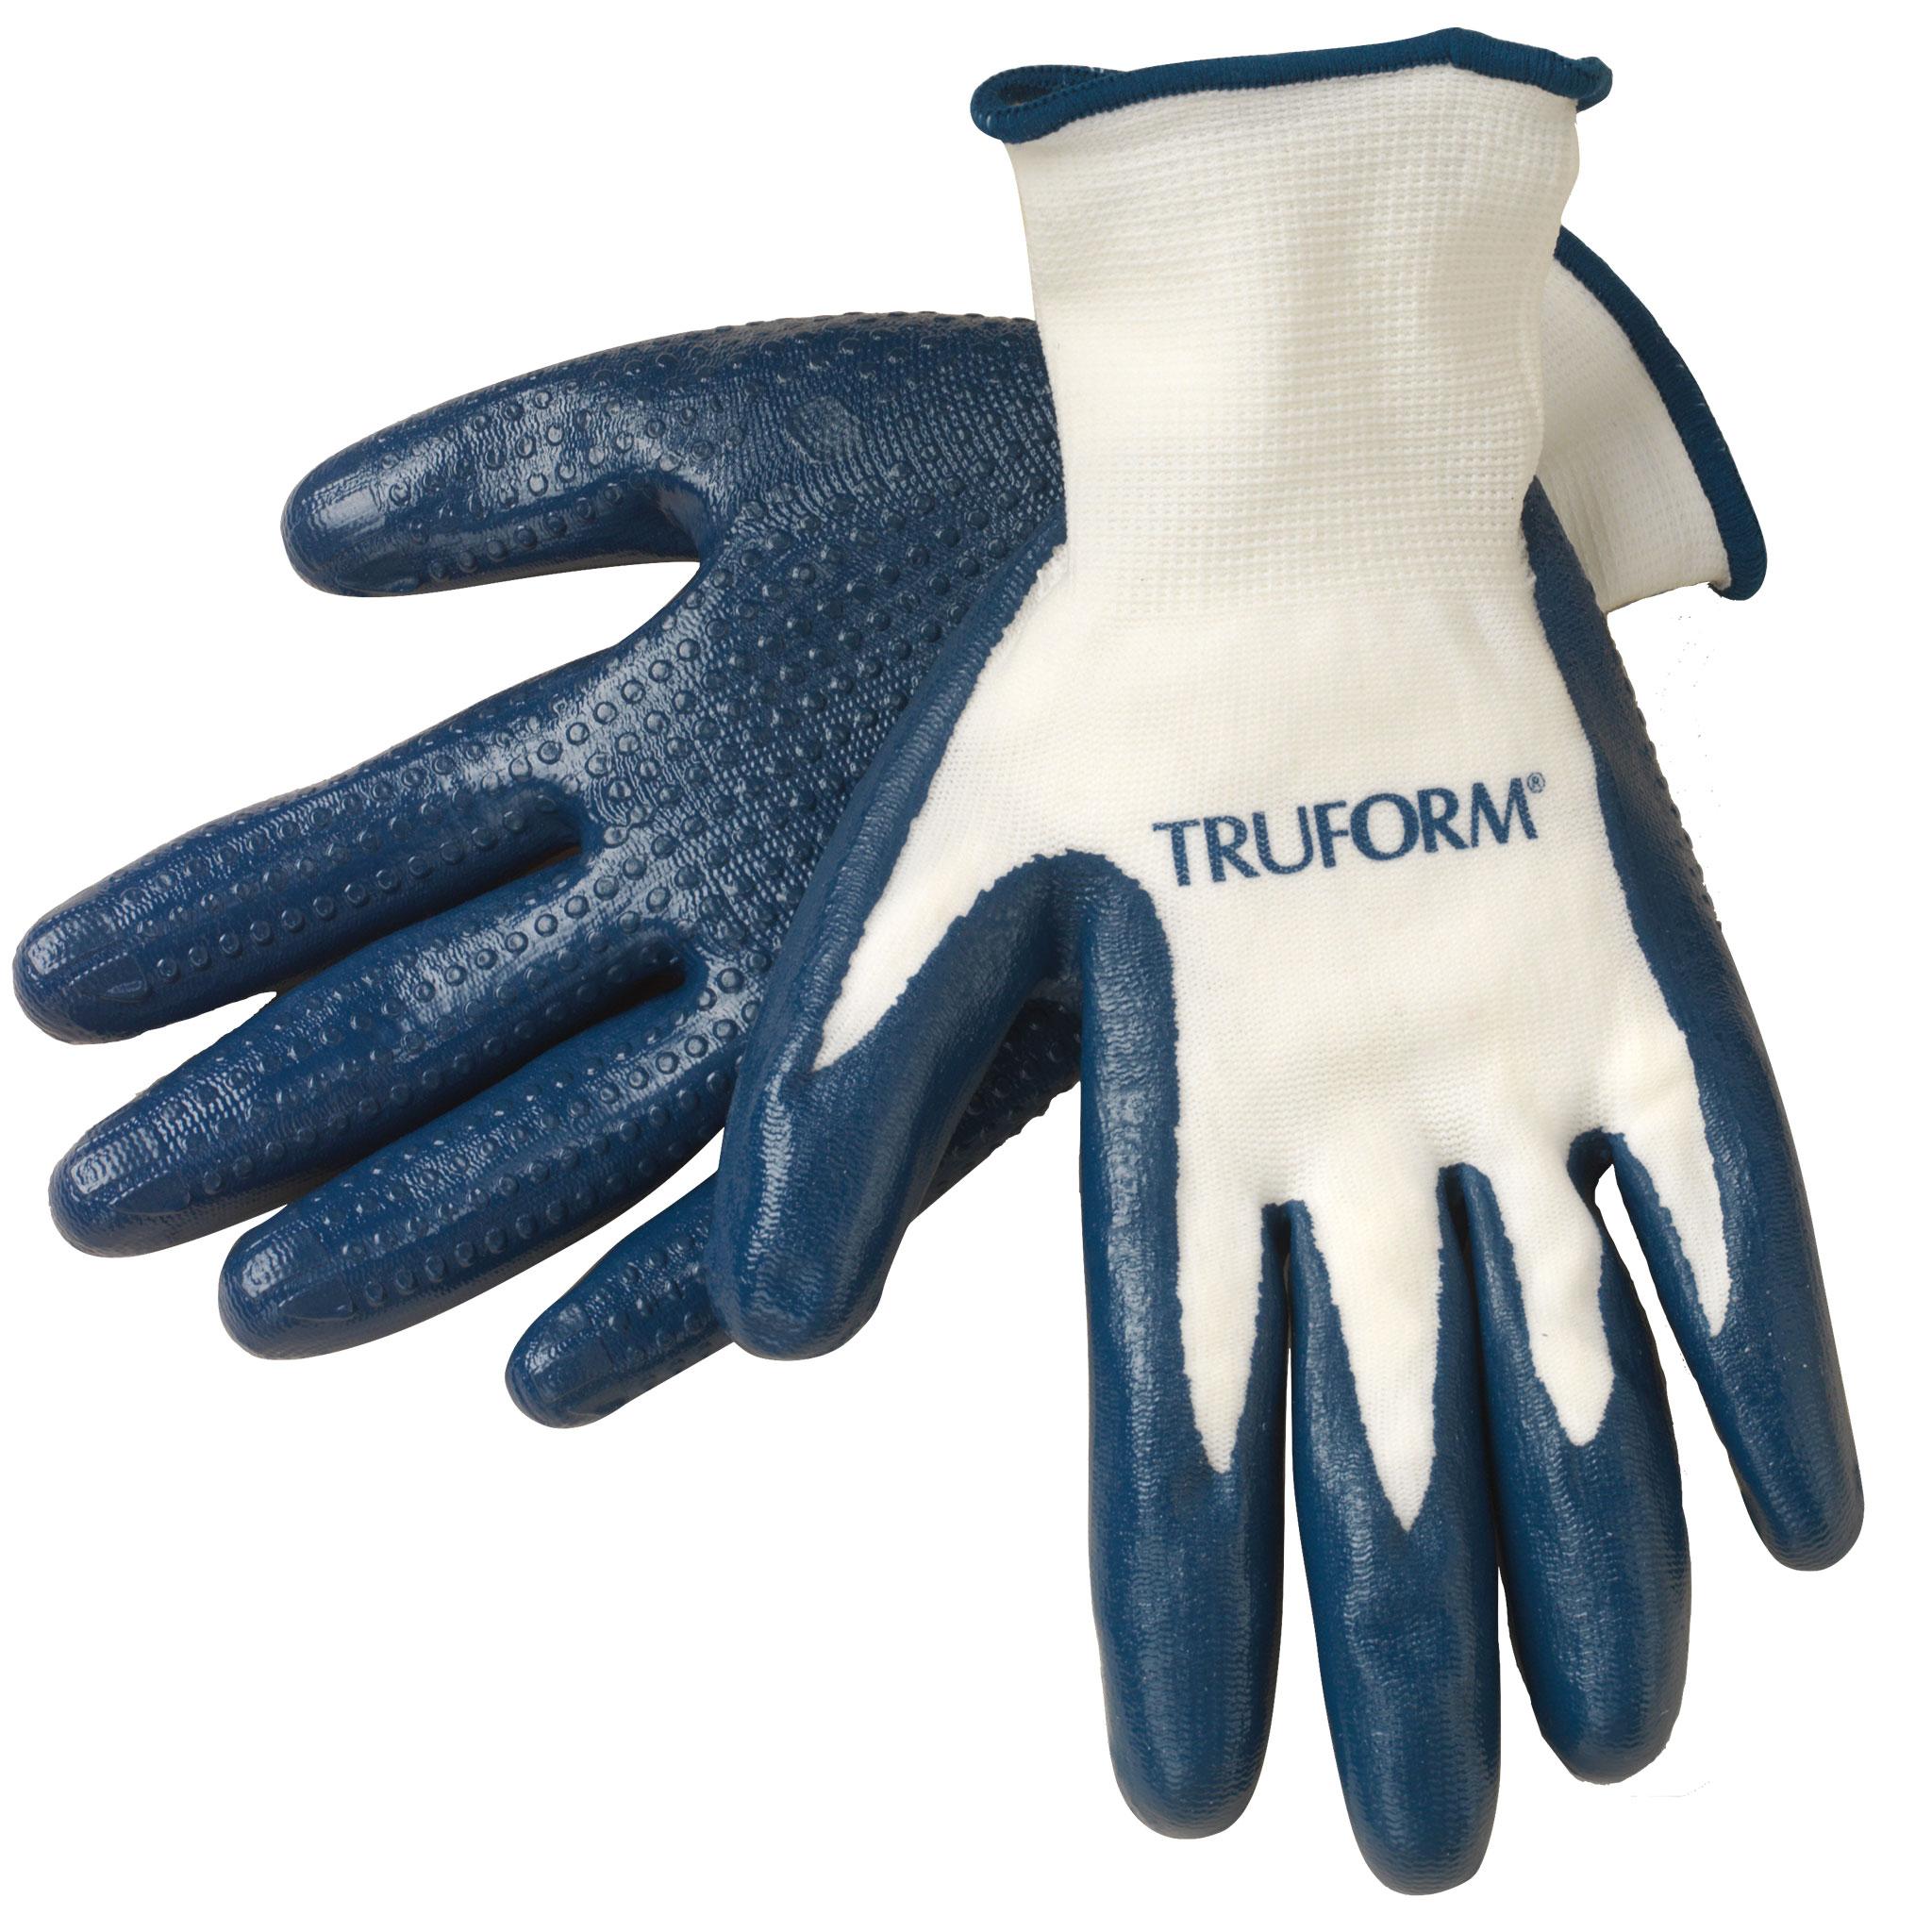 Truform Donning Gloves, White / Blue, Medium